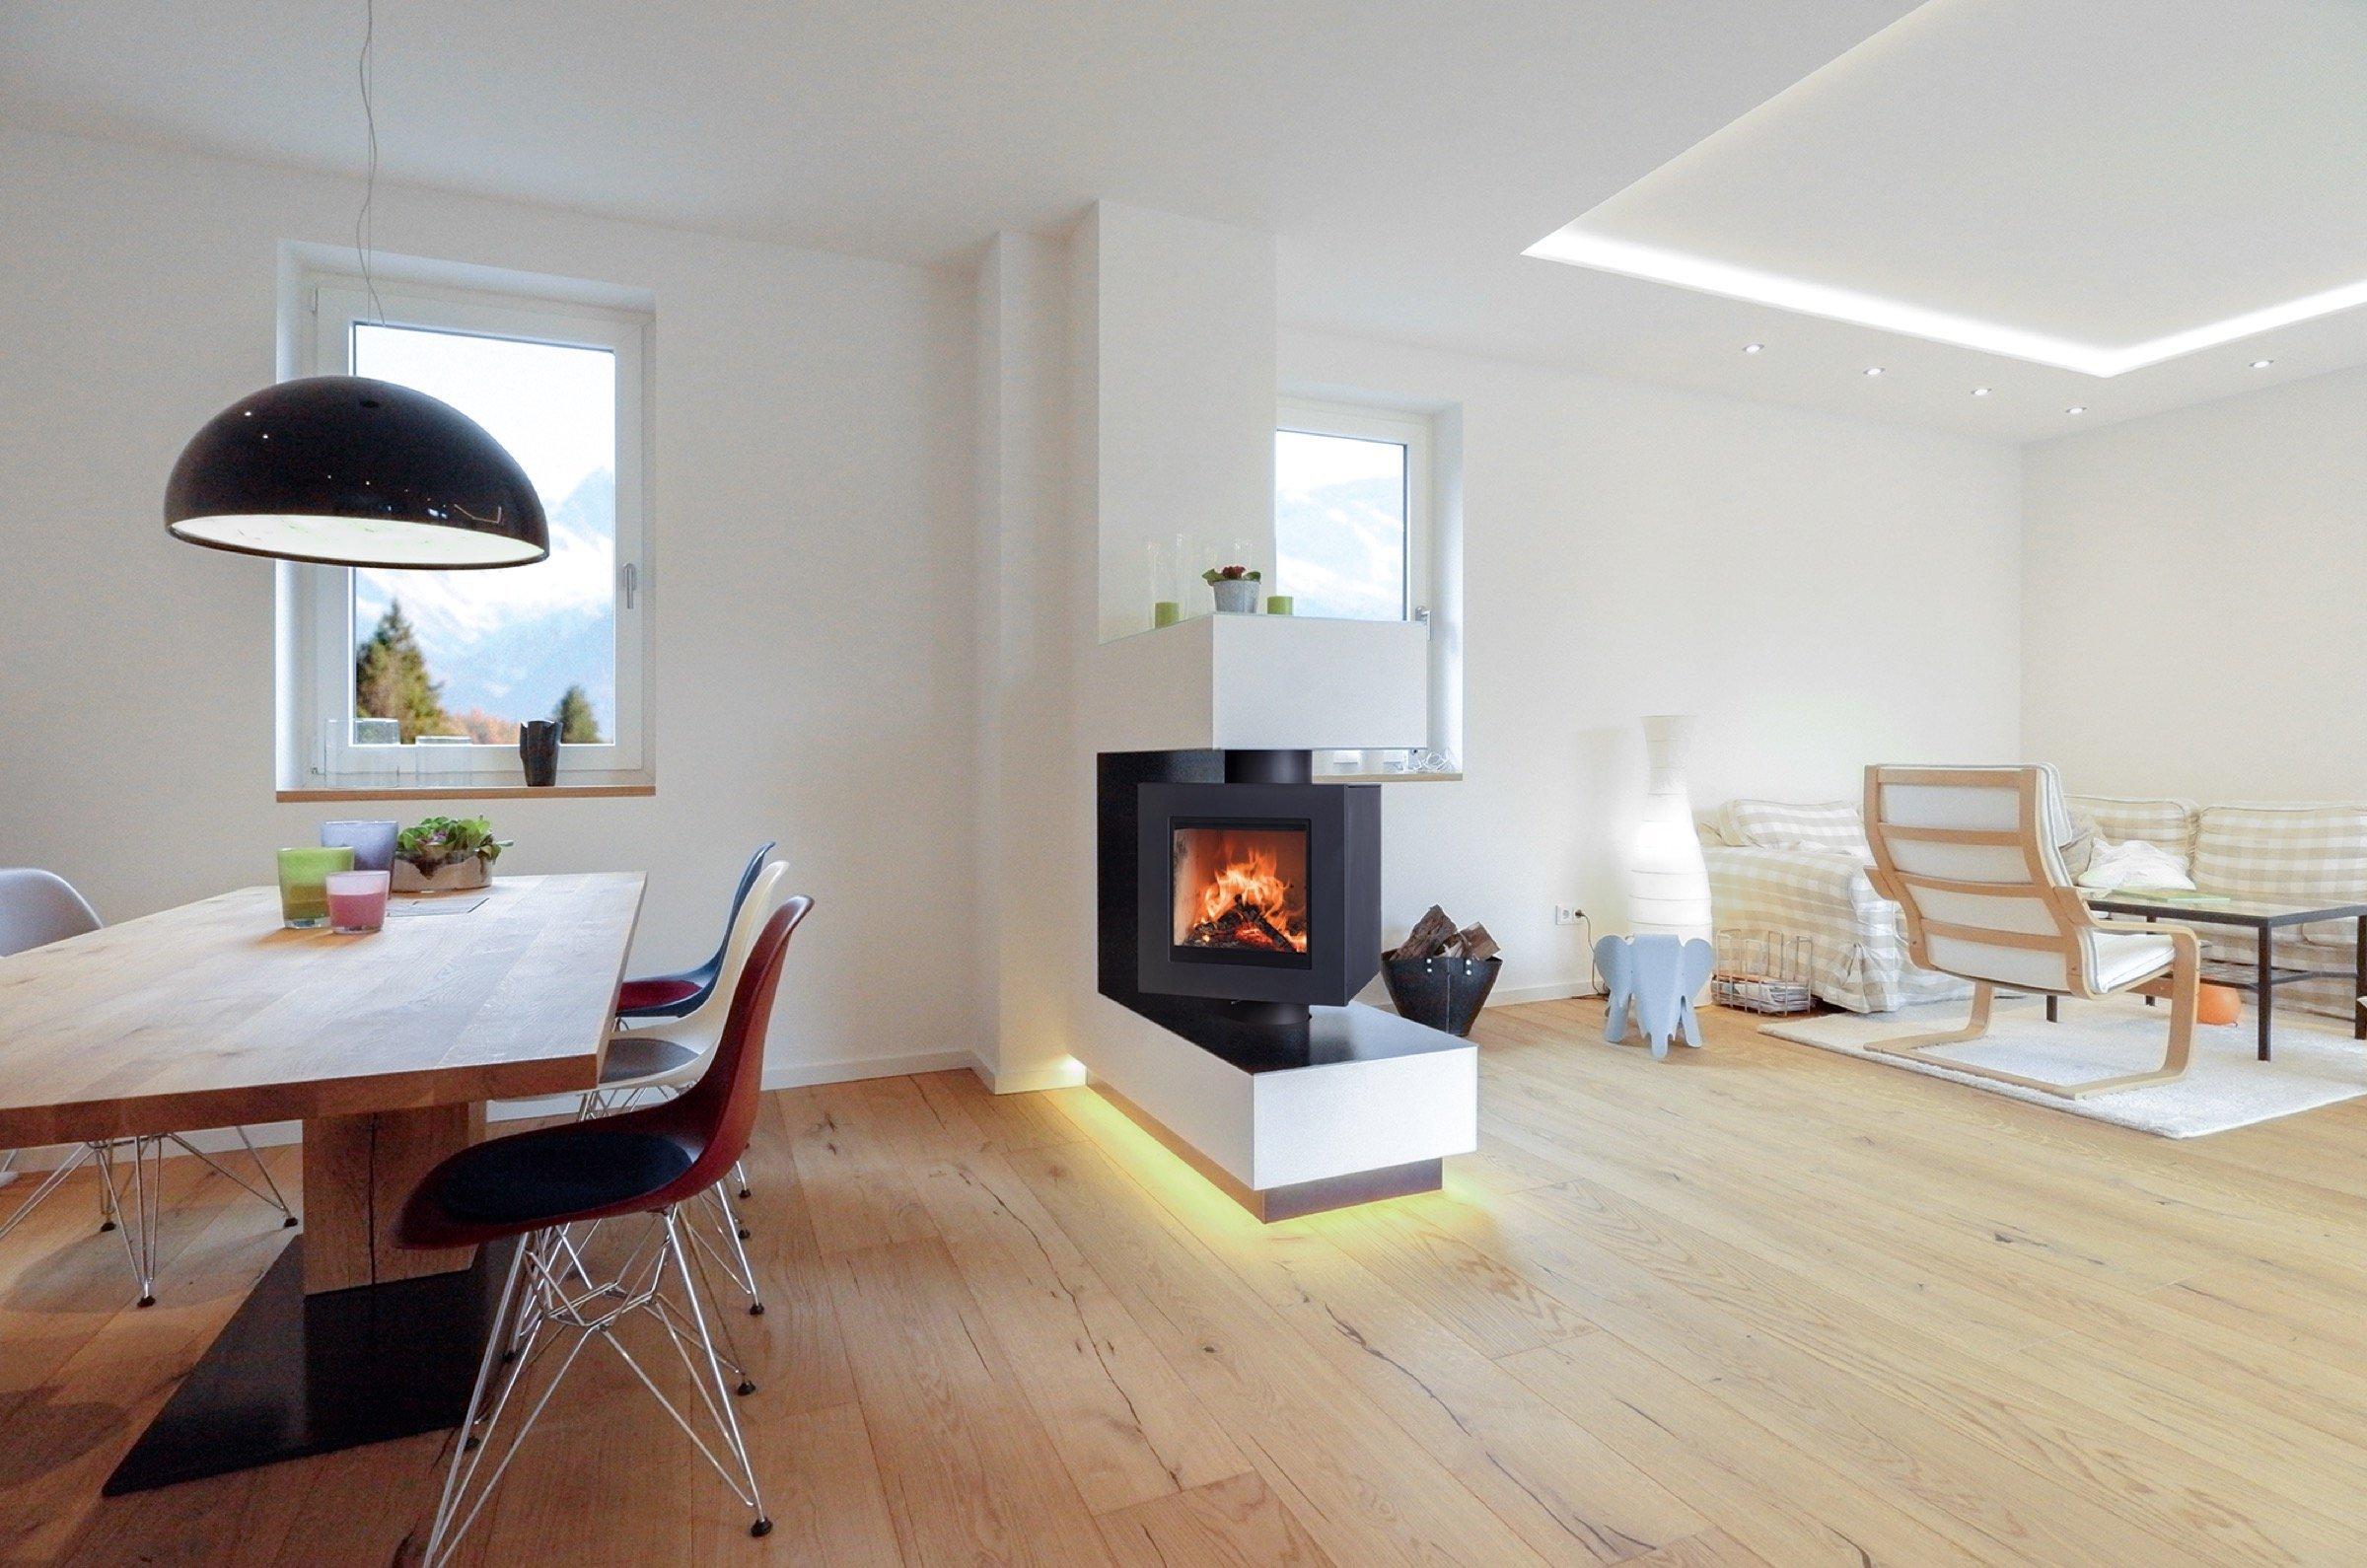 Otočná kamnová vložka Brunner Drehfeuer s možností pohledu do ohně, jak z obývacího pokoje, tak z jídelny. Otáčení o rozsahu až 235 ° v případě ručního ovládání nebo o 205 ° v případě dálkové ovládání.